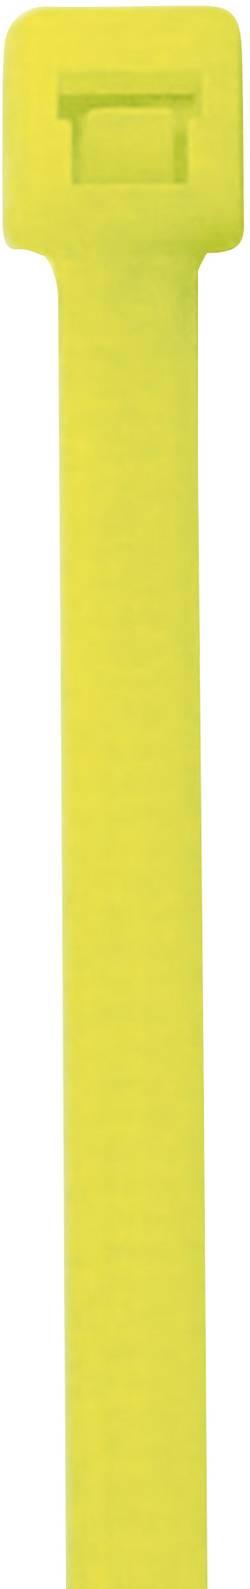 Fluorecentní stahovací pásek PB Fastener, 285 x 4,6 mm, 50 ks, žlutá